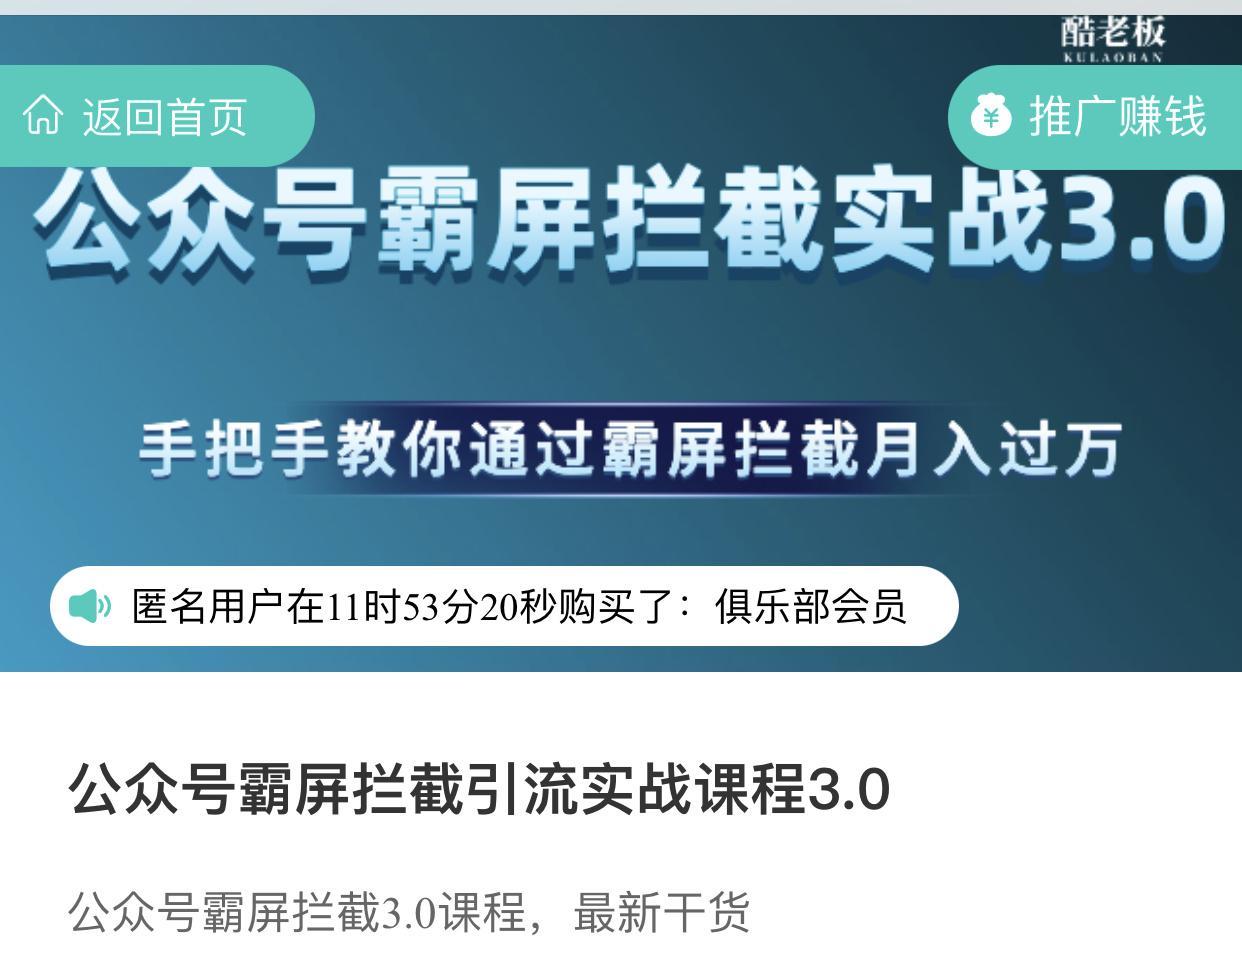 郭耀天公众号霸屏拦截引流3.0